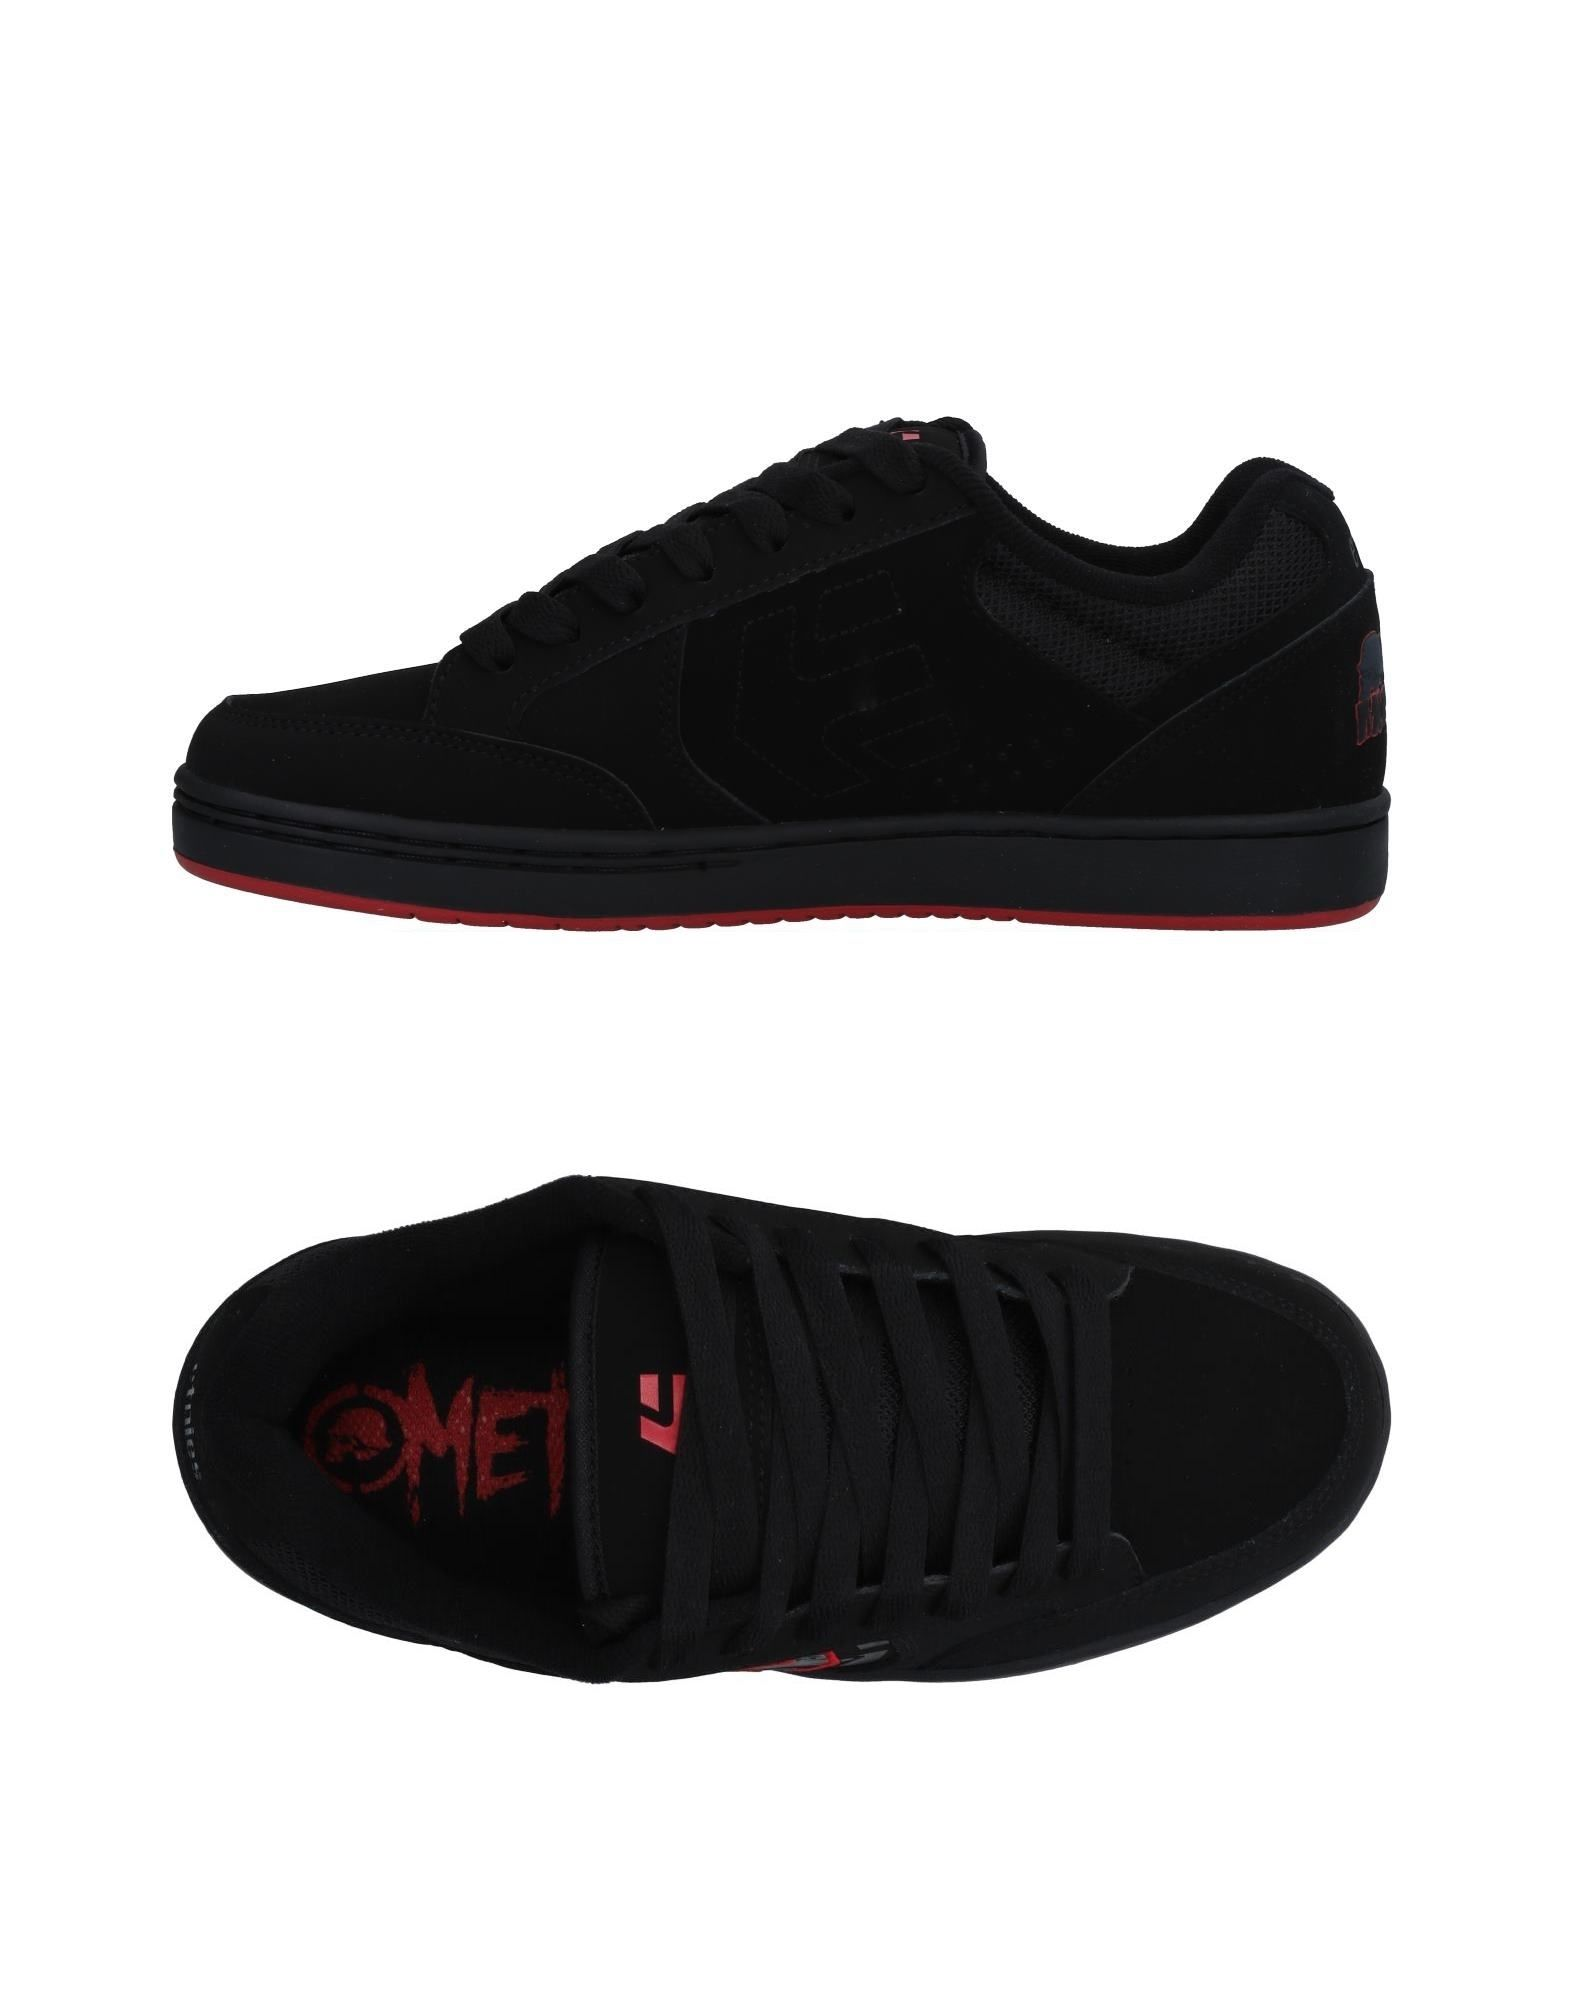 Scarpe economiche e resistenti Sneakers Etnies Uomo - 11479748MT